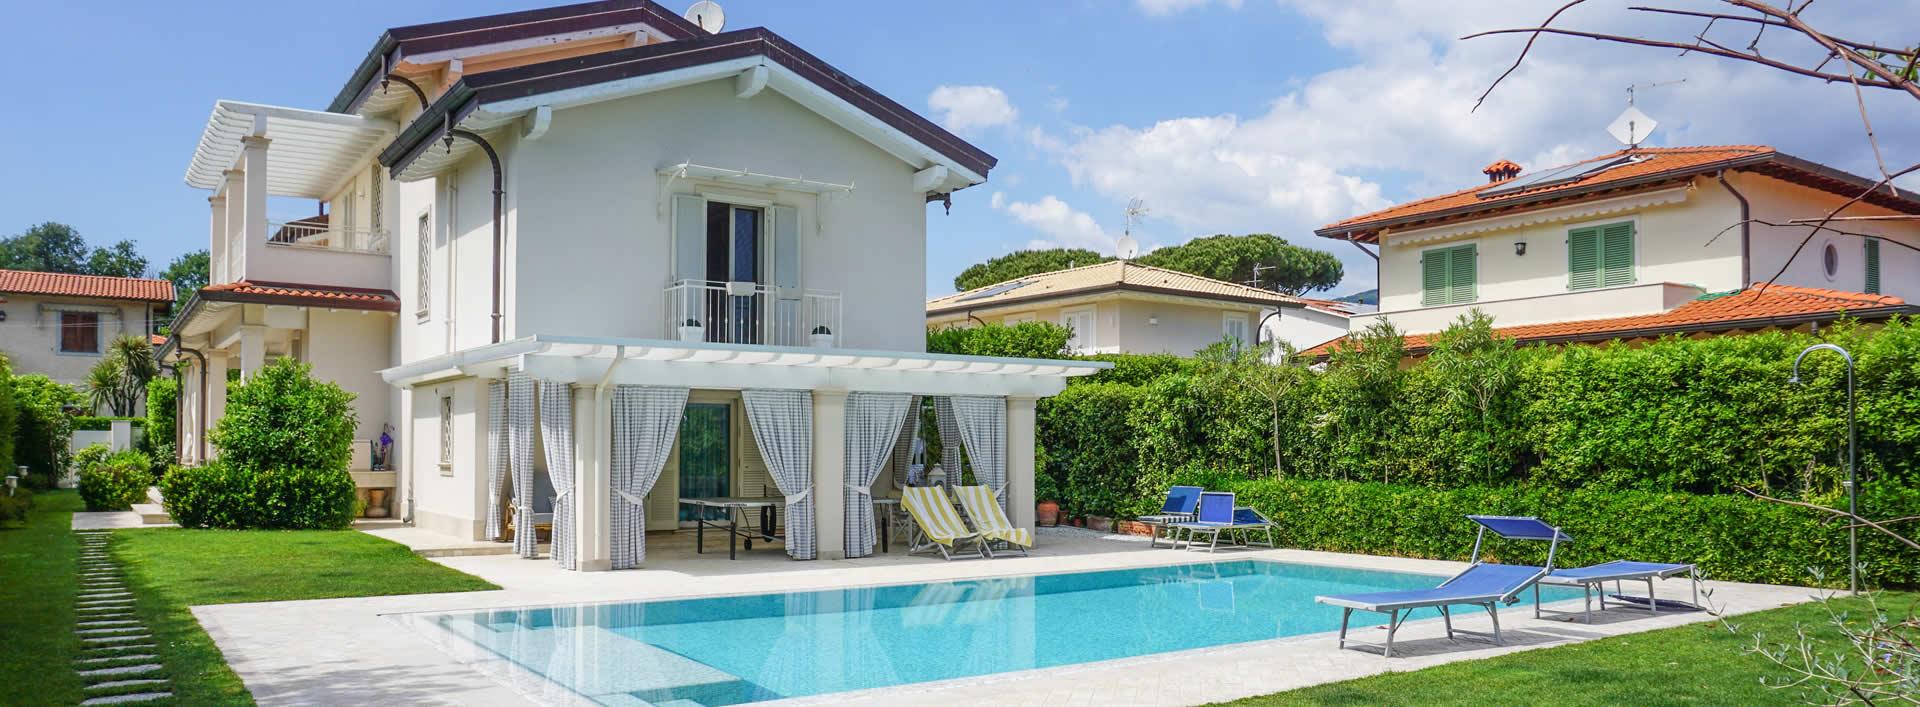 Villa Ludovica Villa singola  in vendita  Forte dei Marmi